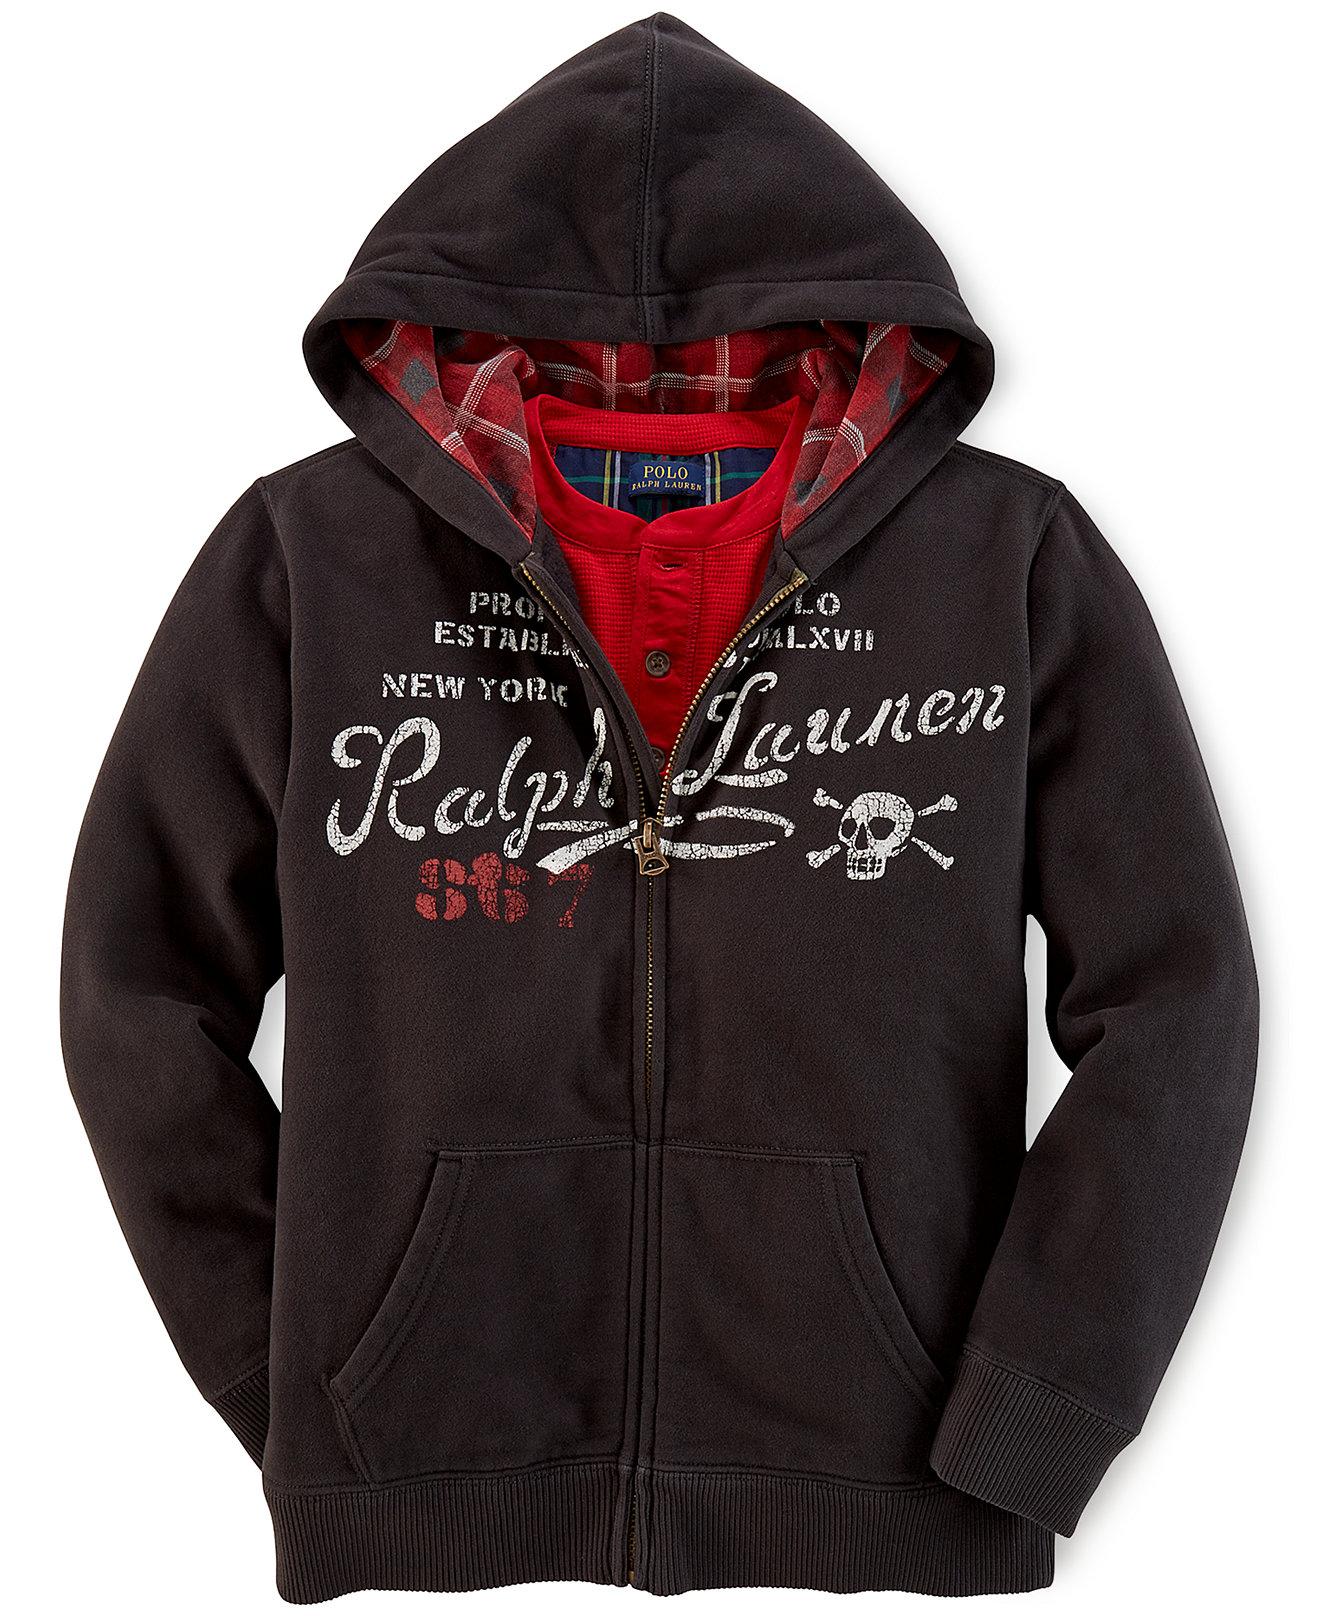 Толстовка детская Polo ralph lauren 2015 POLO L. lauren ralph lauren new rose quilted shawl collar wrap robe l $69 dbfl